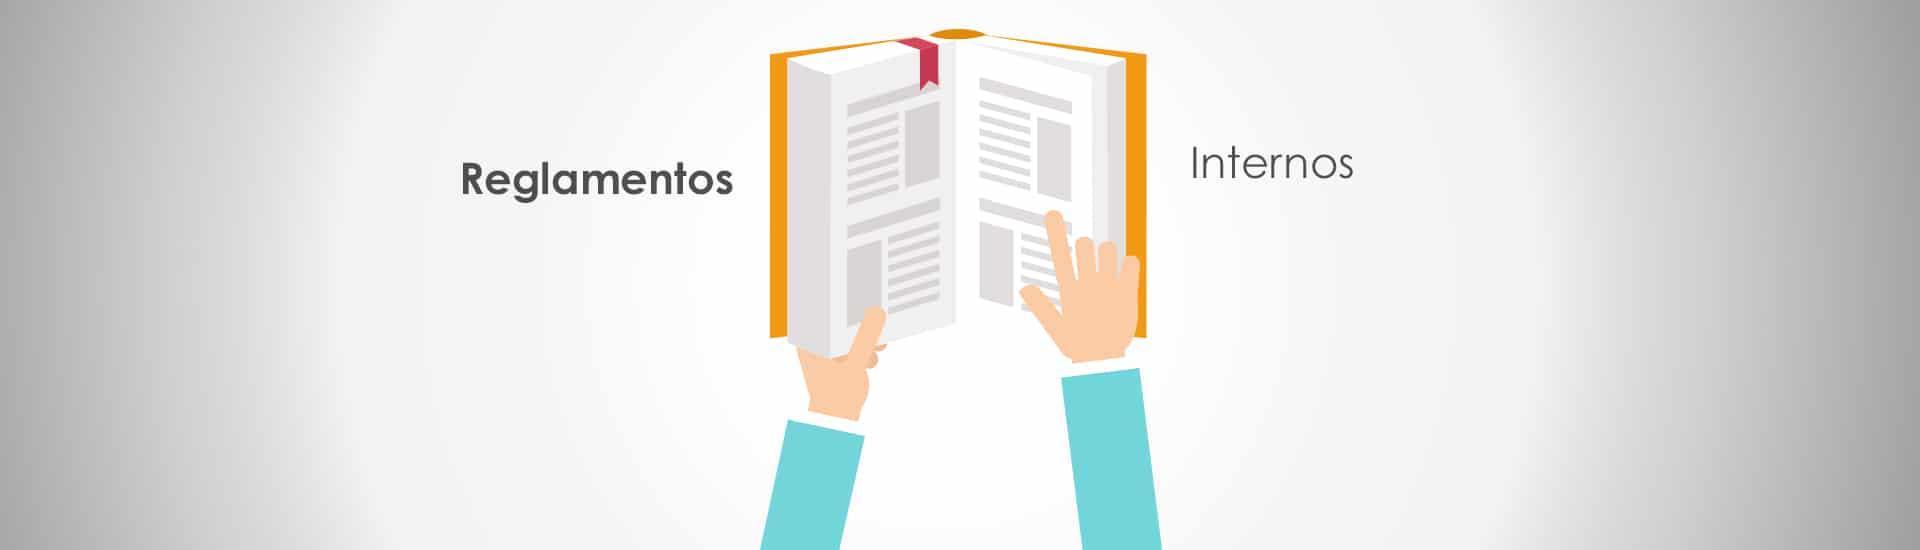 Requisitos para Formar una Asociación Civil sin Fines de Lucro en Argentina